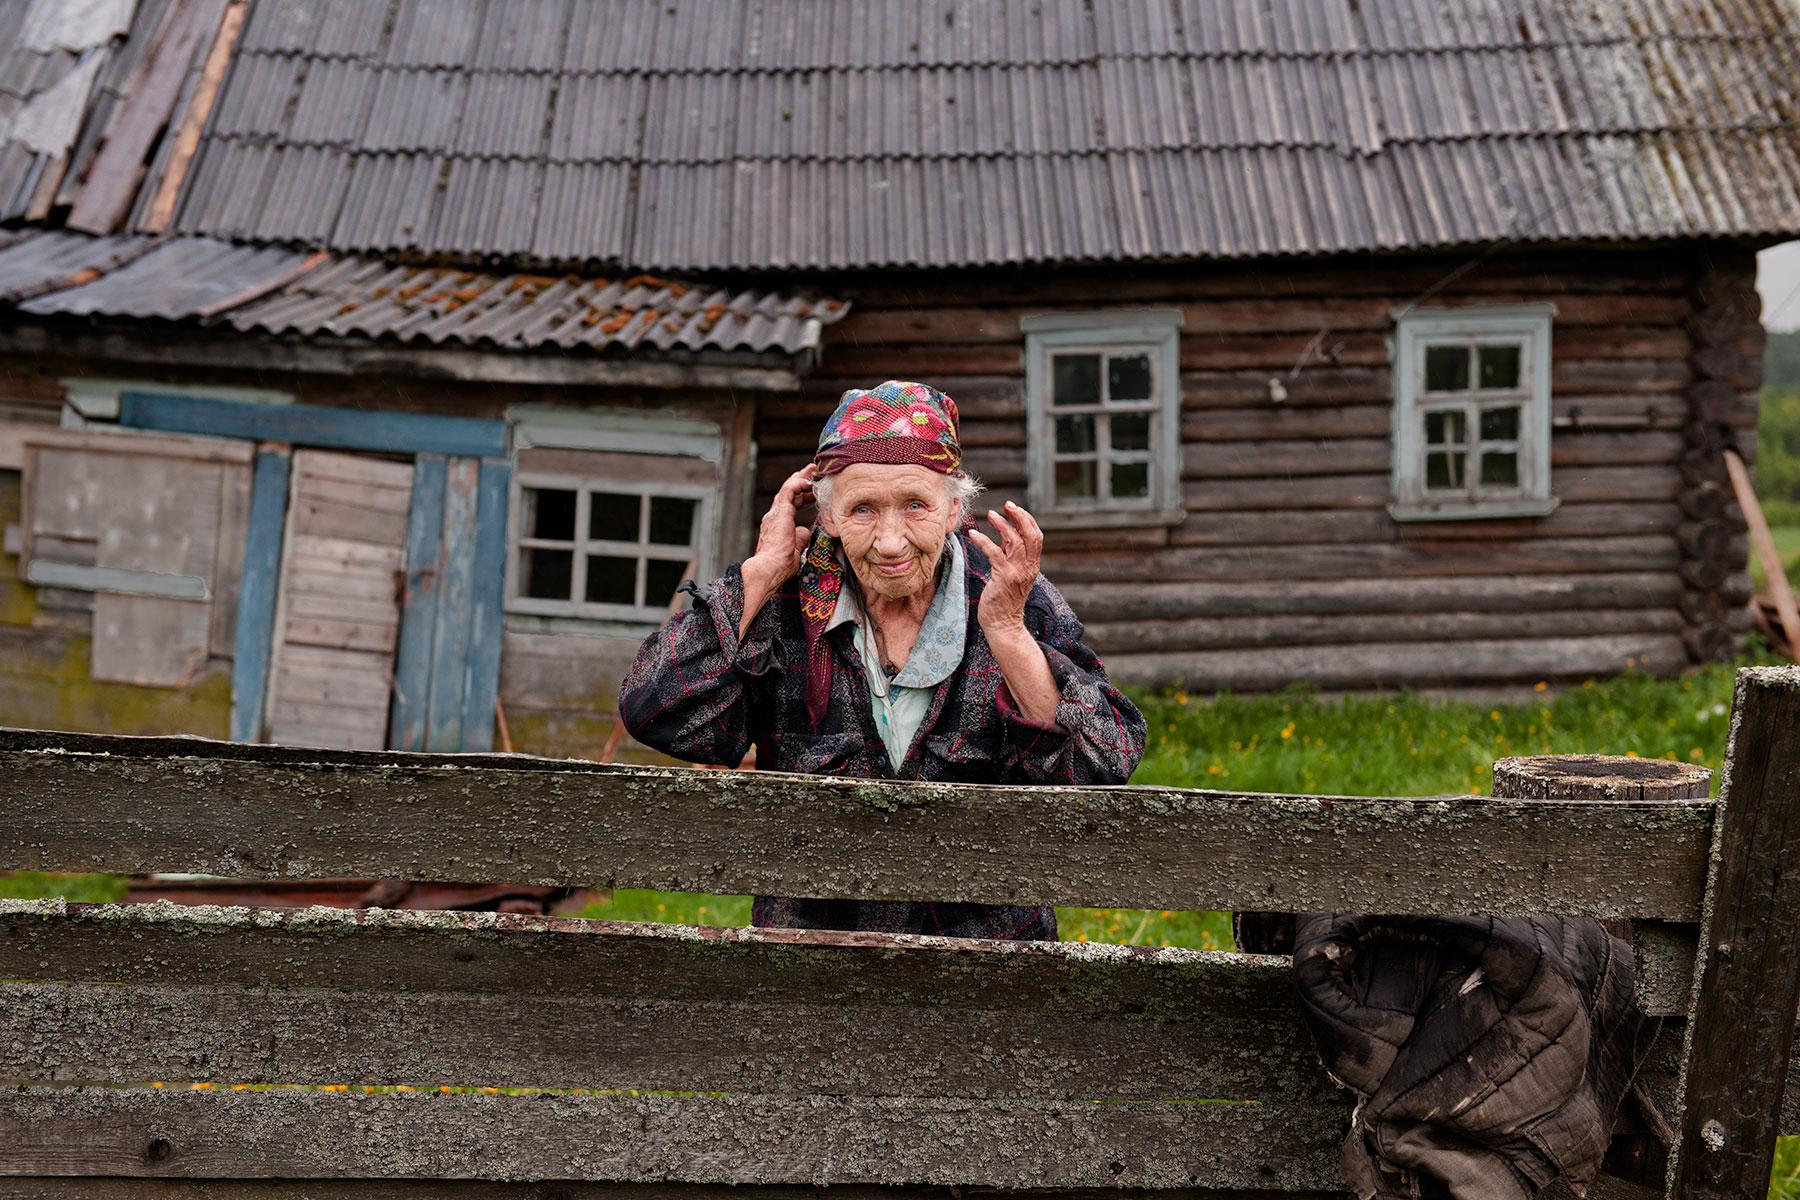 Жена за секс просит 100 рублей, а у меня тока 70, что